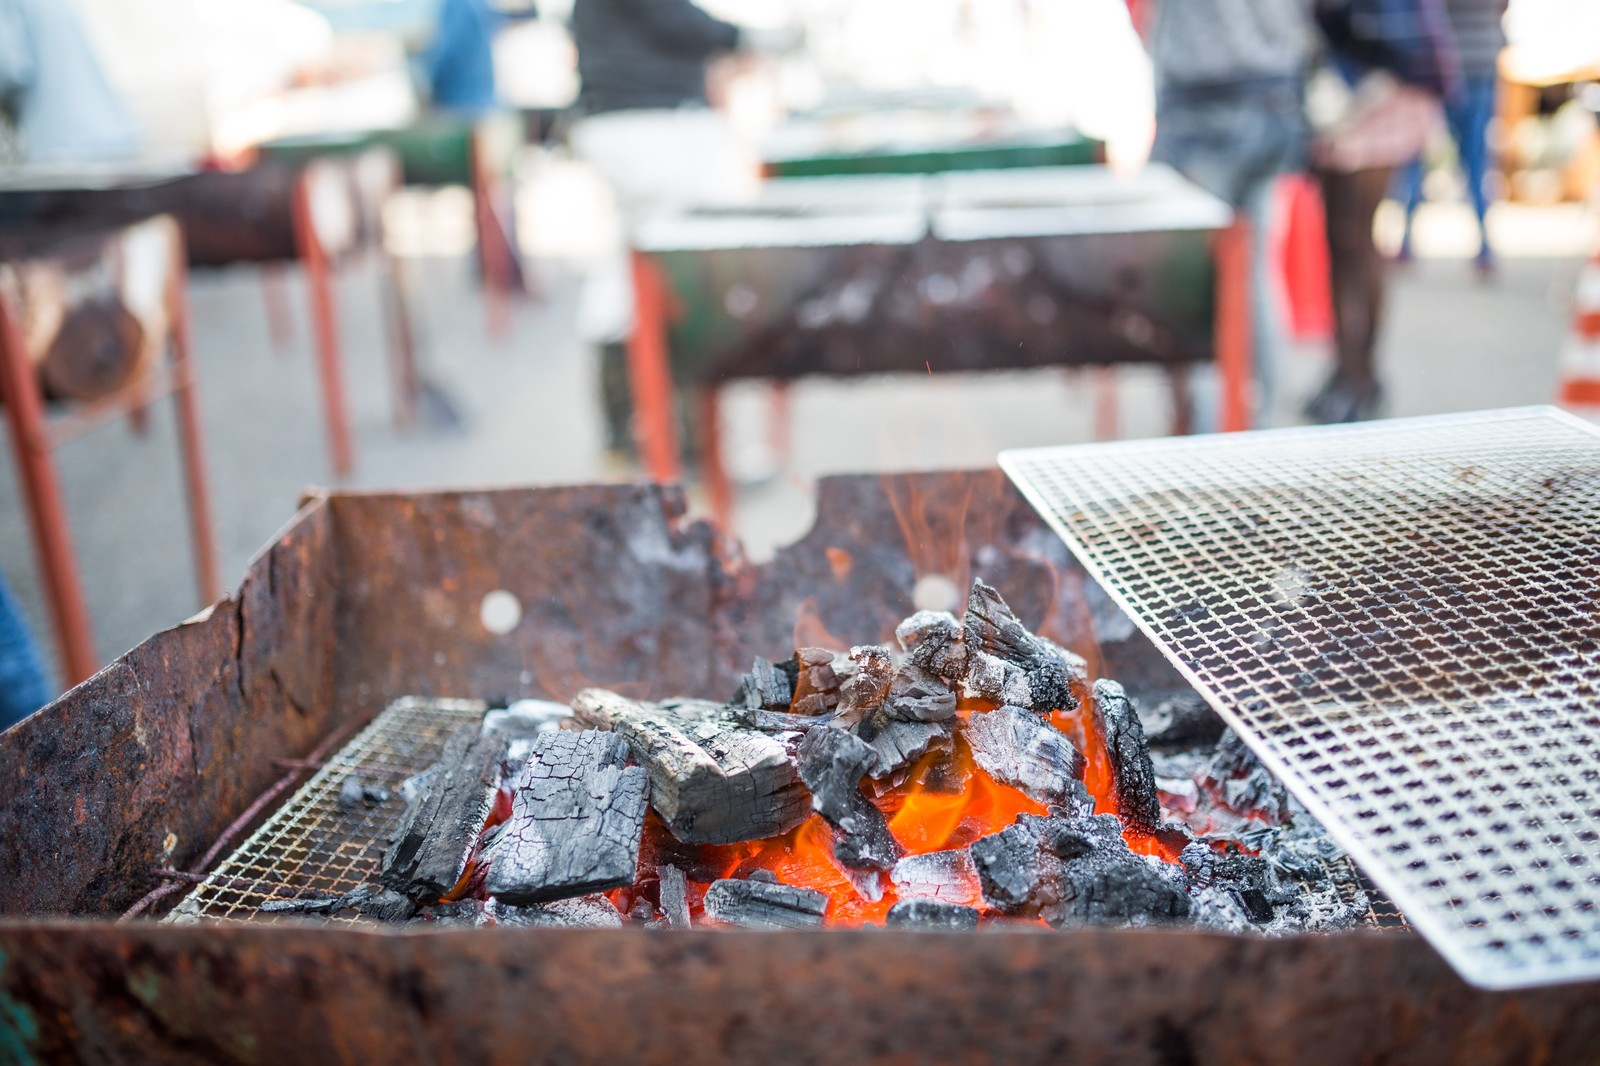 「炭火焼きバーベキュー炭火焼きバーベキュー」のフリー写真素材を拡大